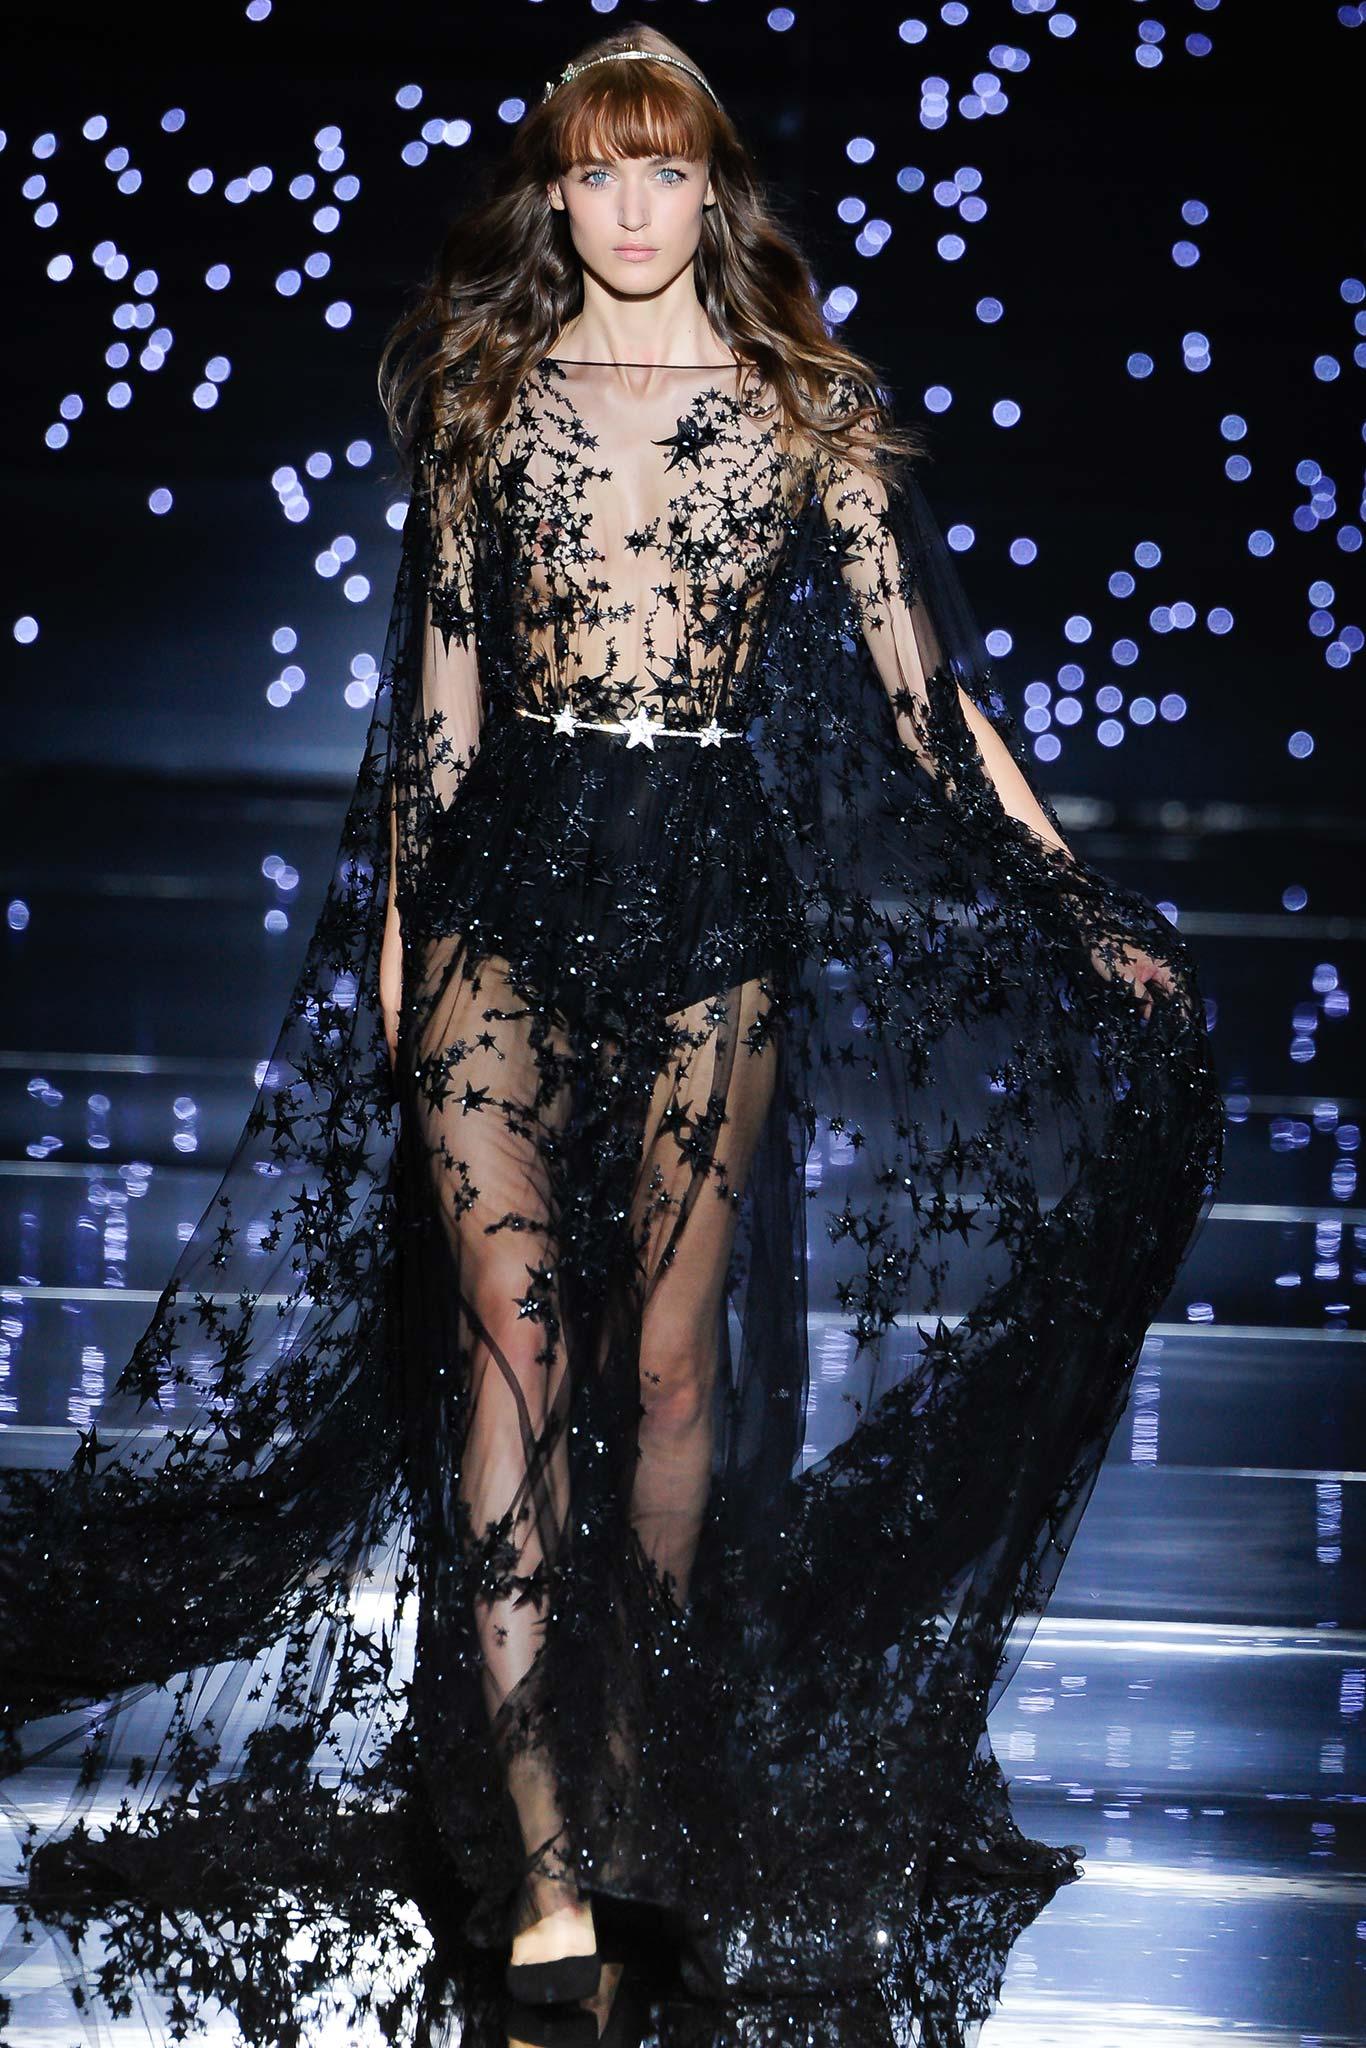 Zuhair Murad Haute Couture FW 2015 Paris